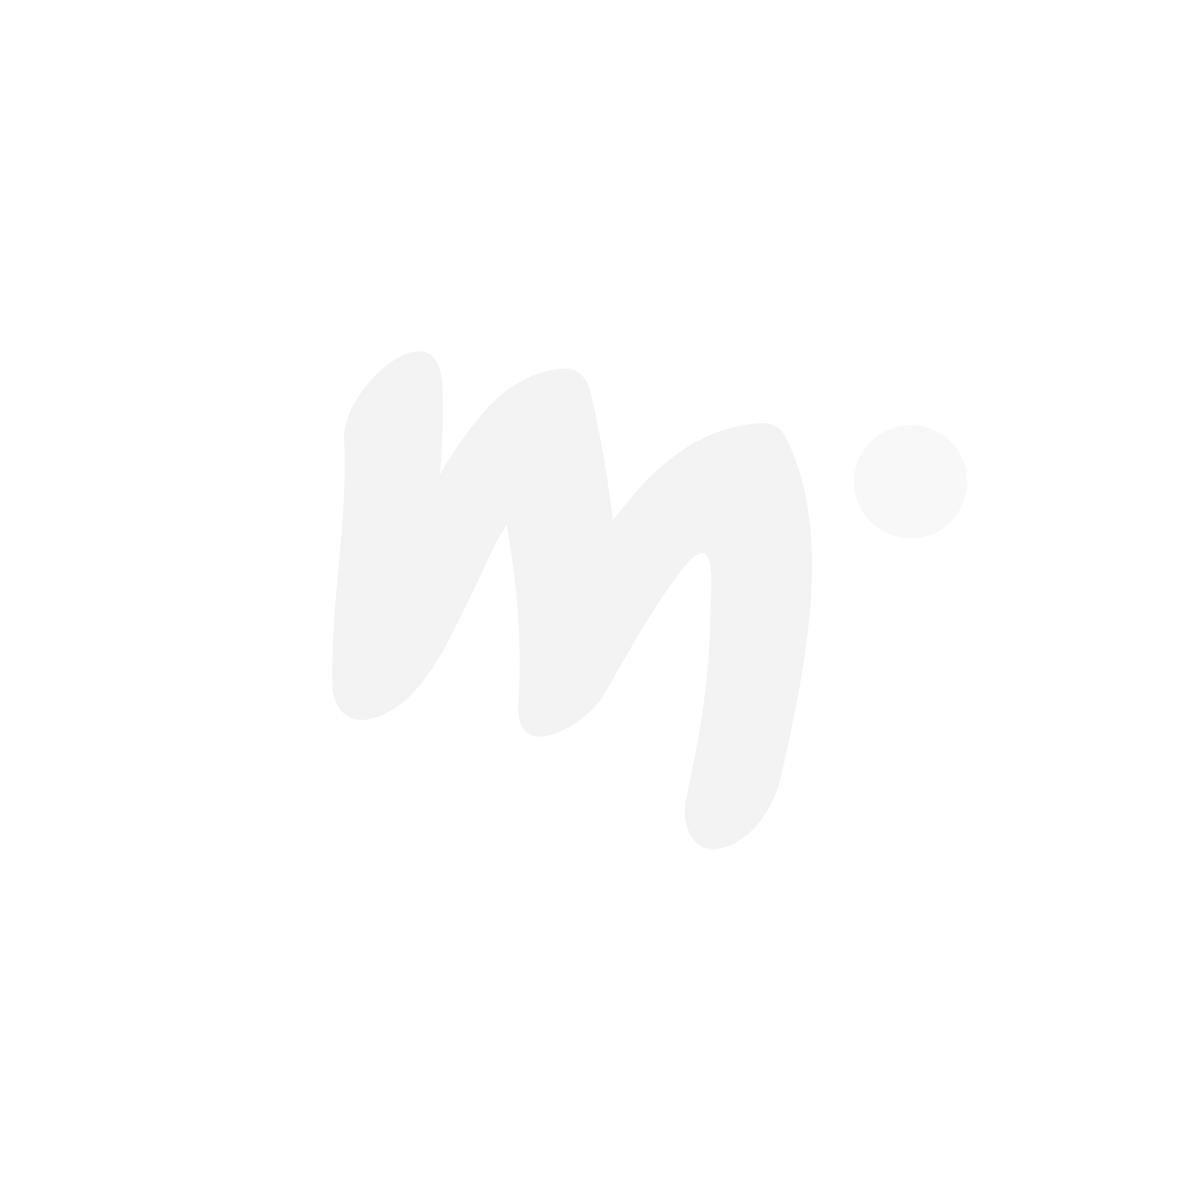 Peppi Pitkätossu Huvikummussa-body valkoinen